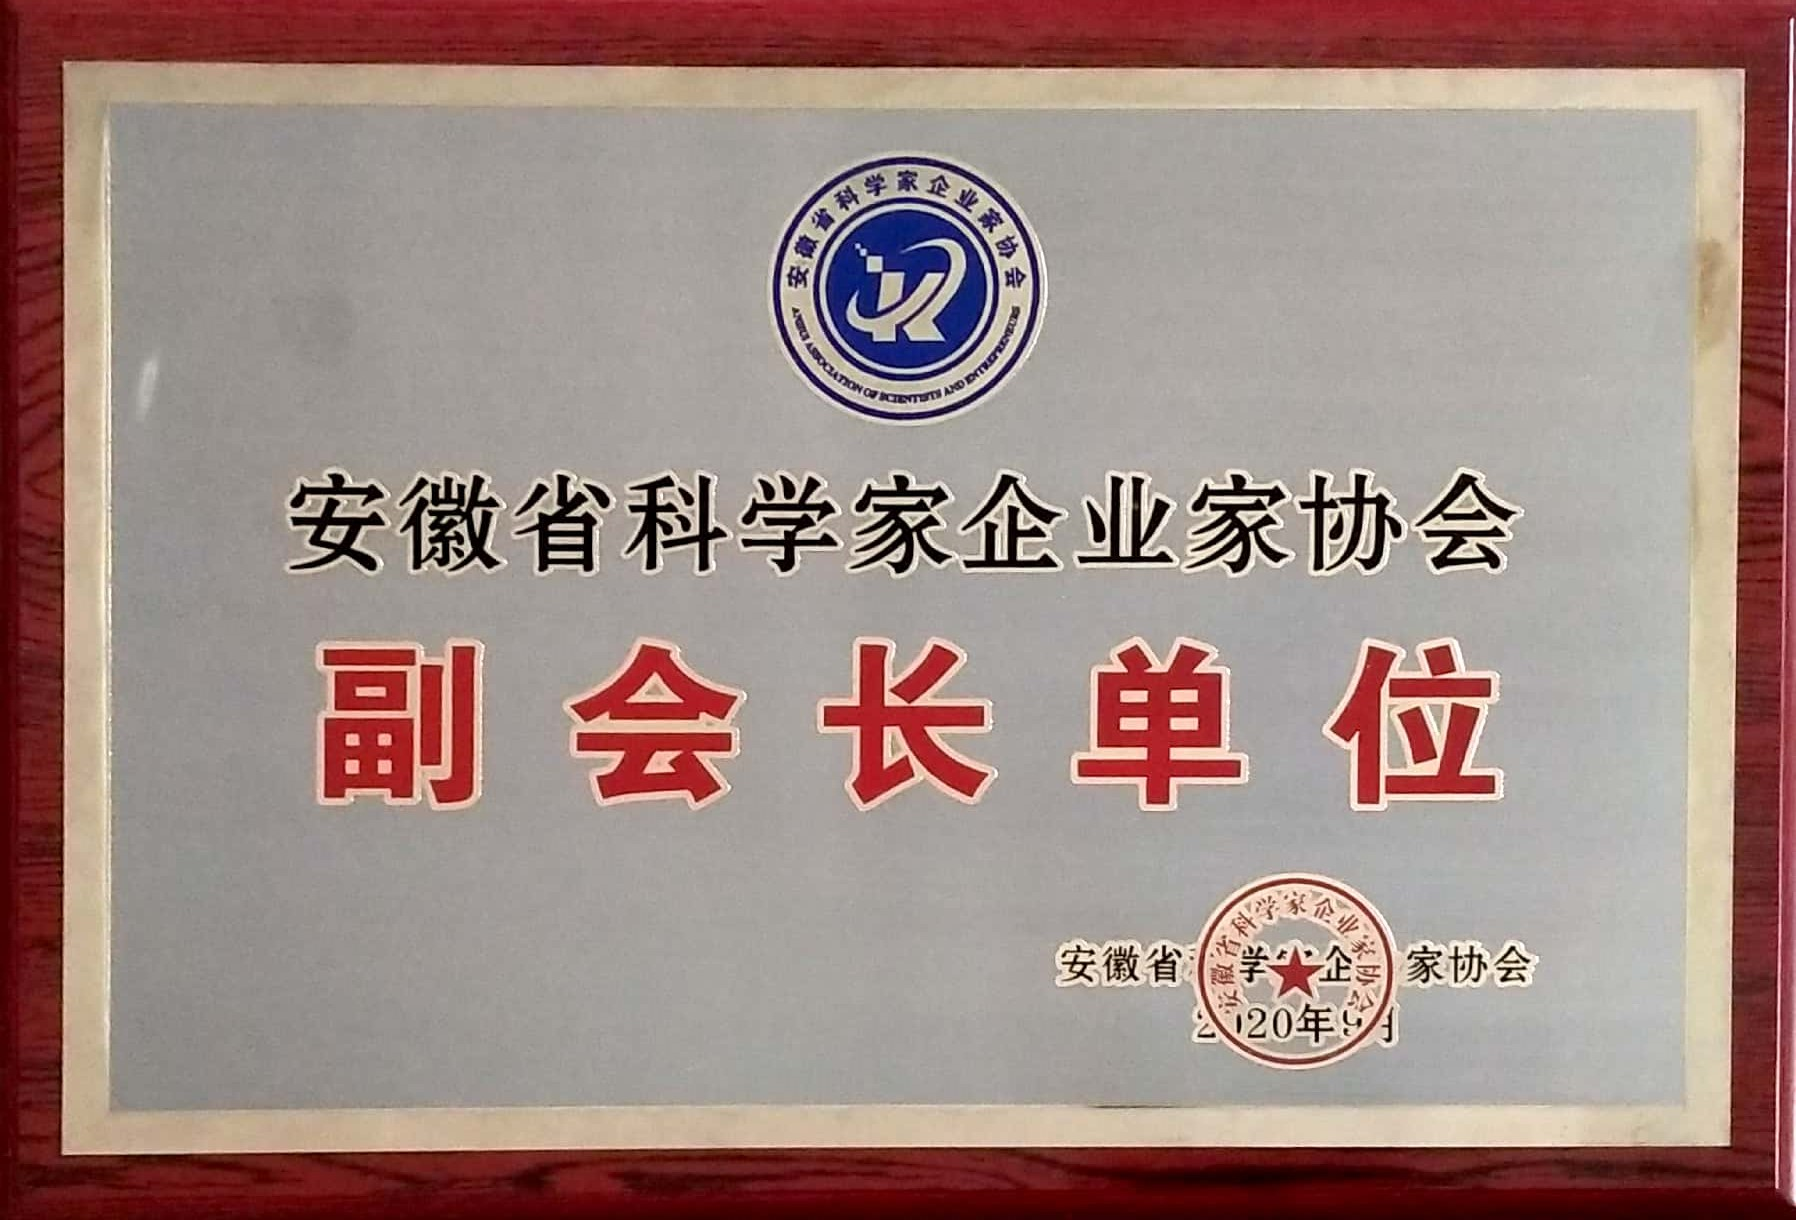 安徽省科学家企业家协会副会长单位